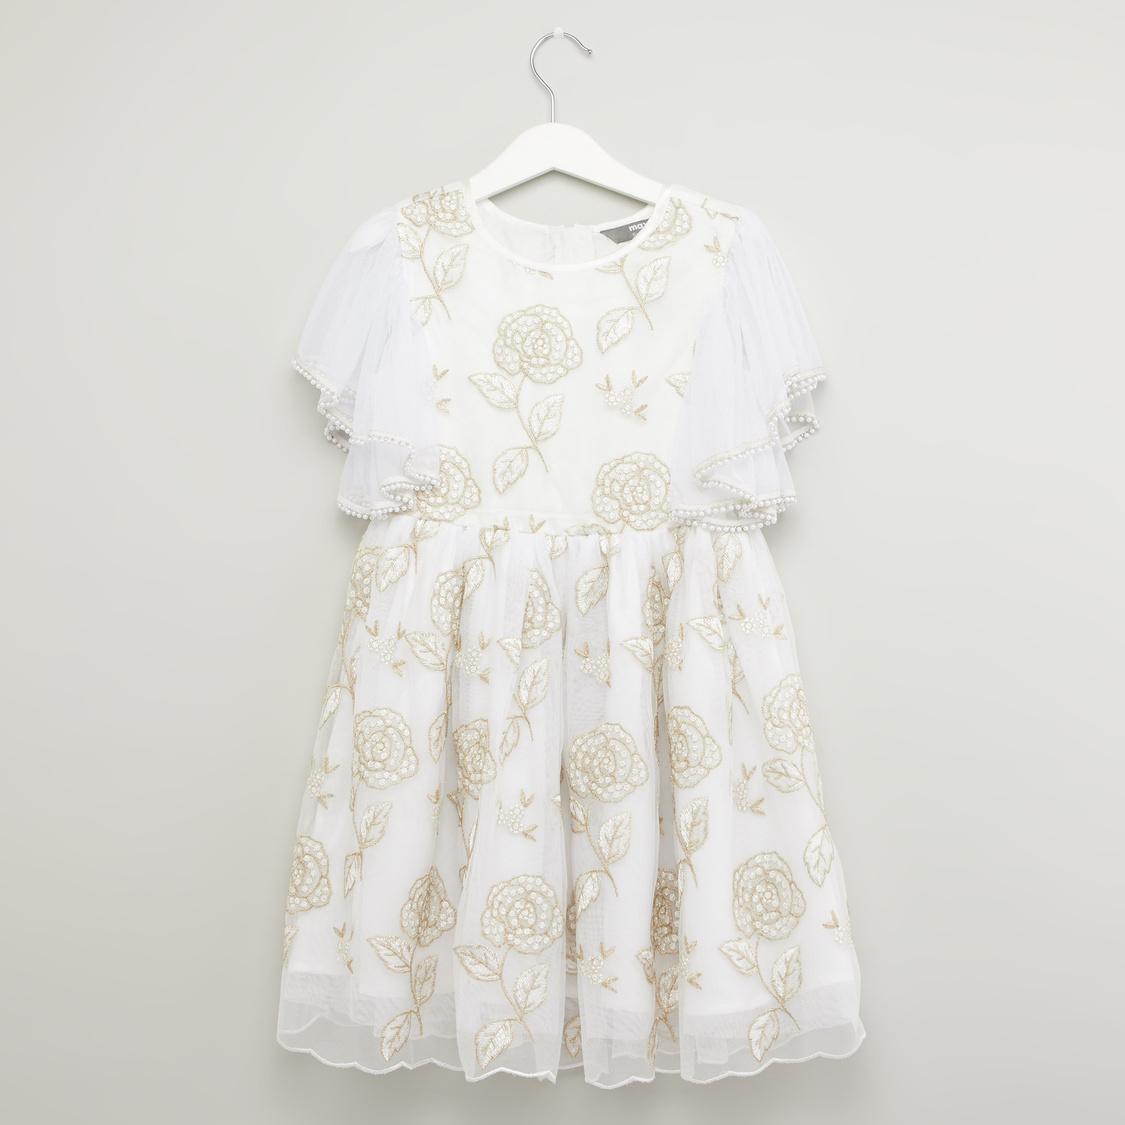 فستان مطرّز بياقة مستديرة وأكمام قصيرة